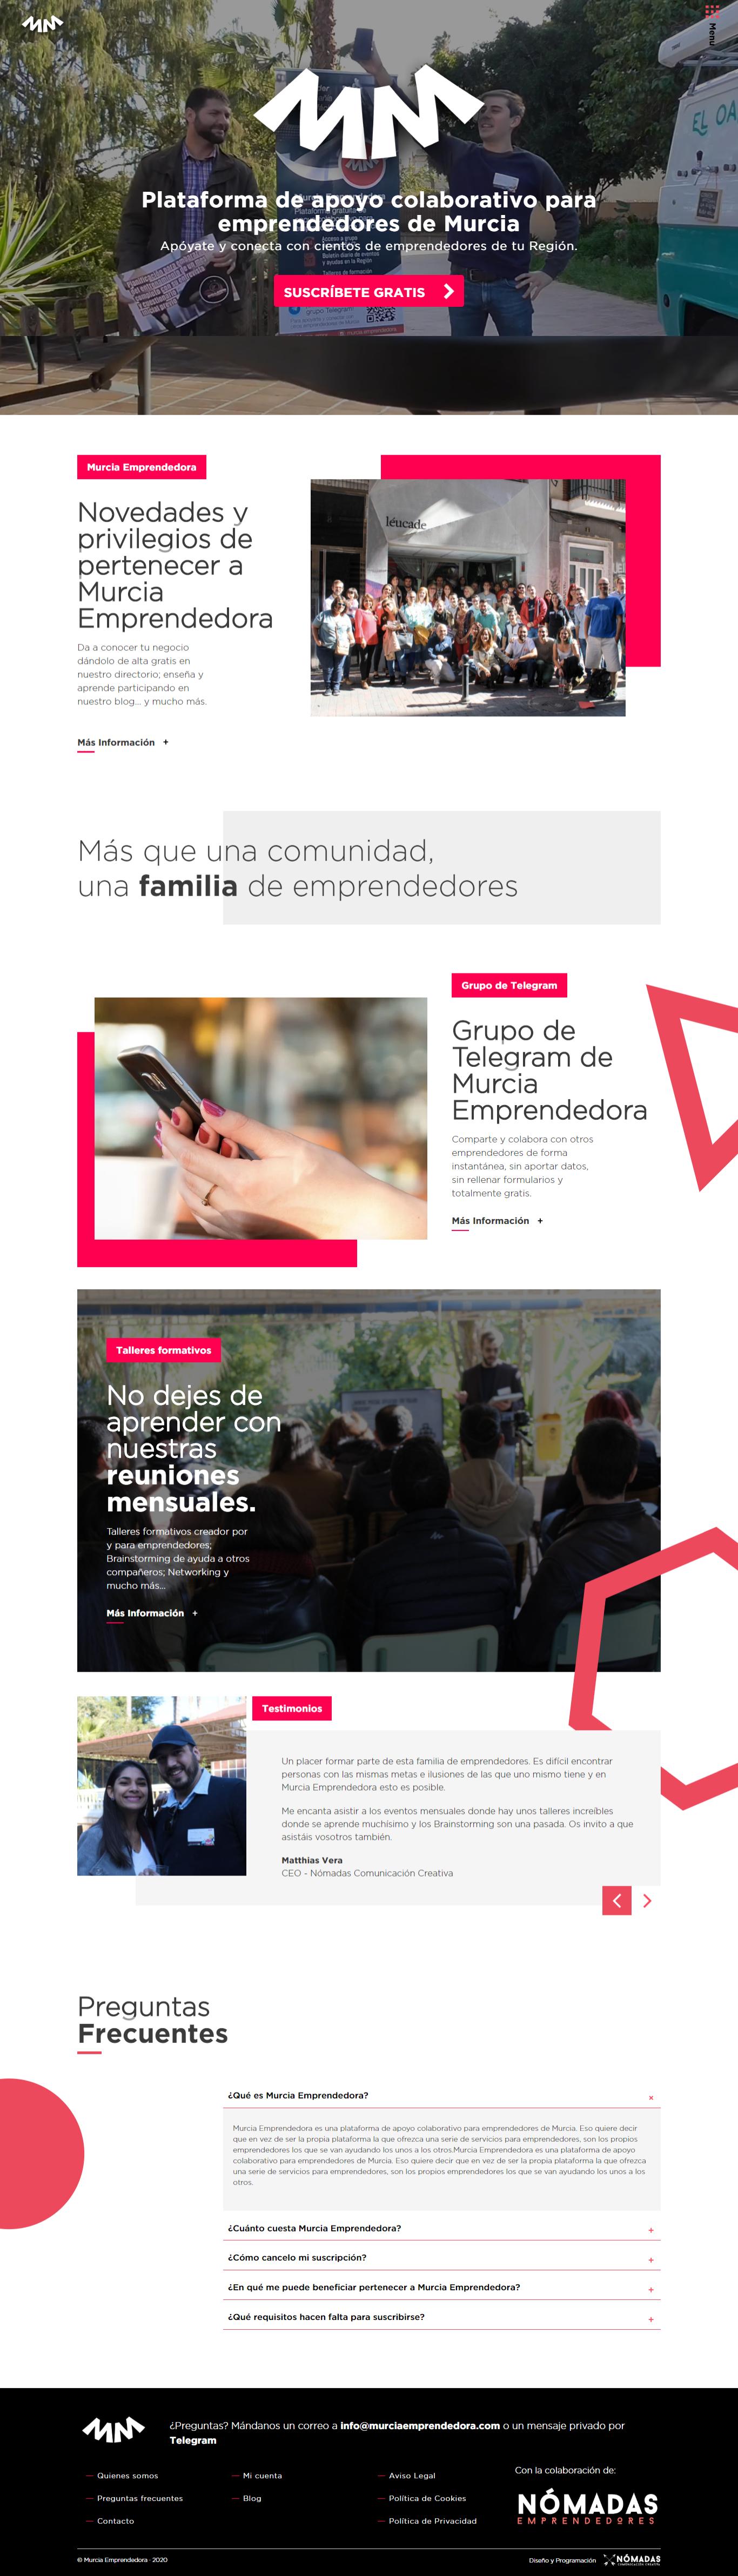 Portal para emprendedores desarrollado con Drupal por un programador freelance en Murcia, Madrid y Panamá City | Nómadas Comunicación Creativa.